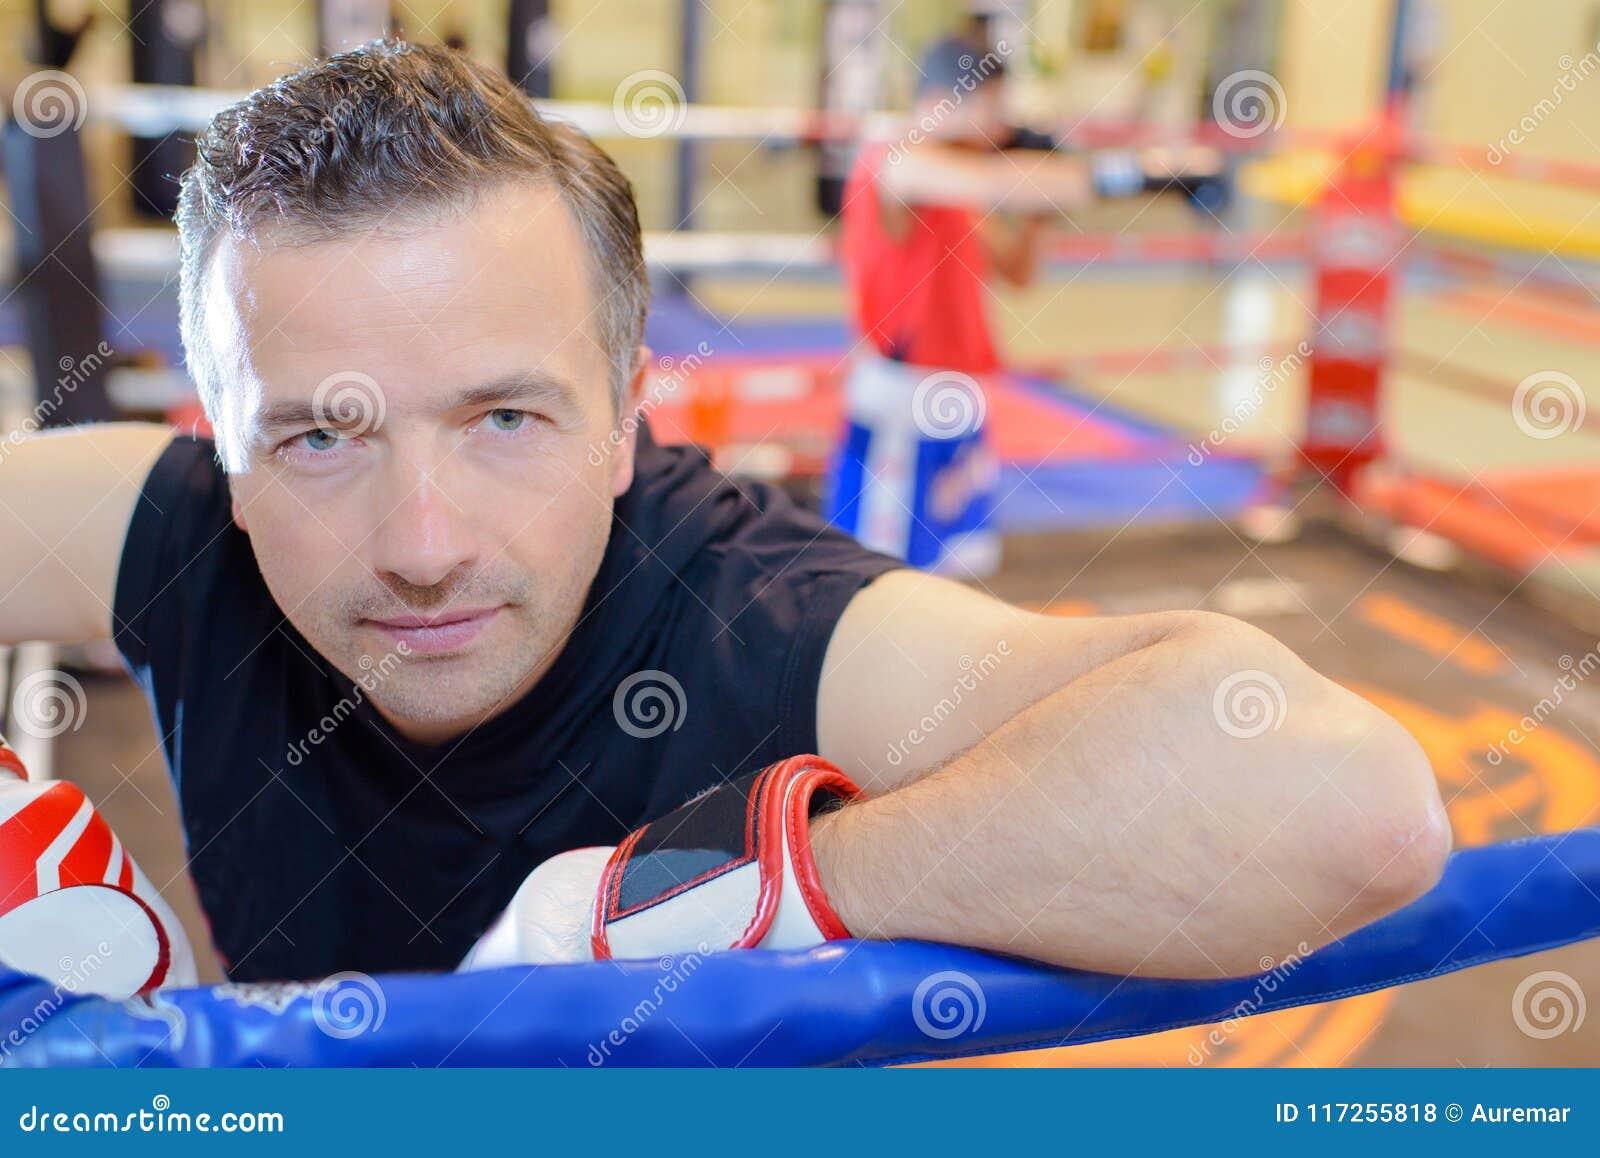 Mężczyzna w bokserskich rękawiczkach